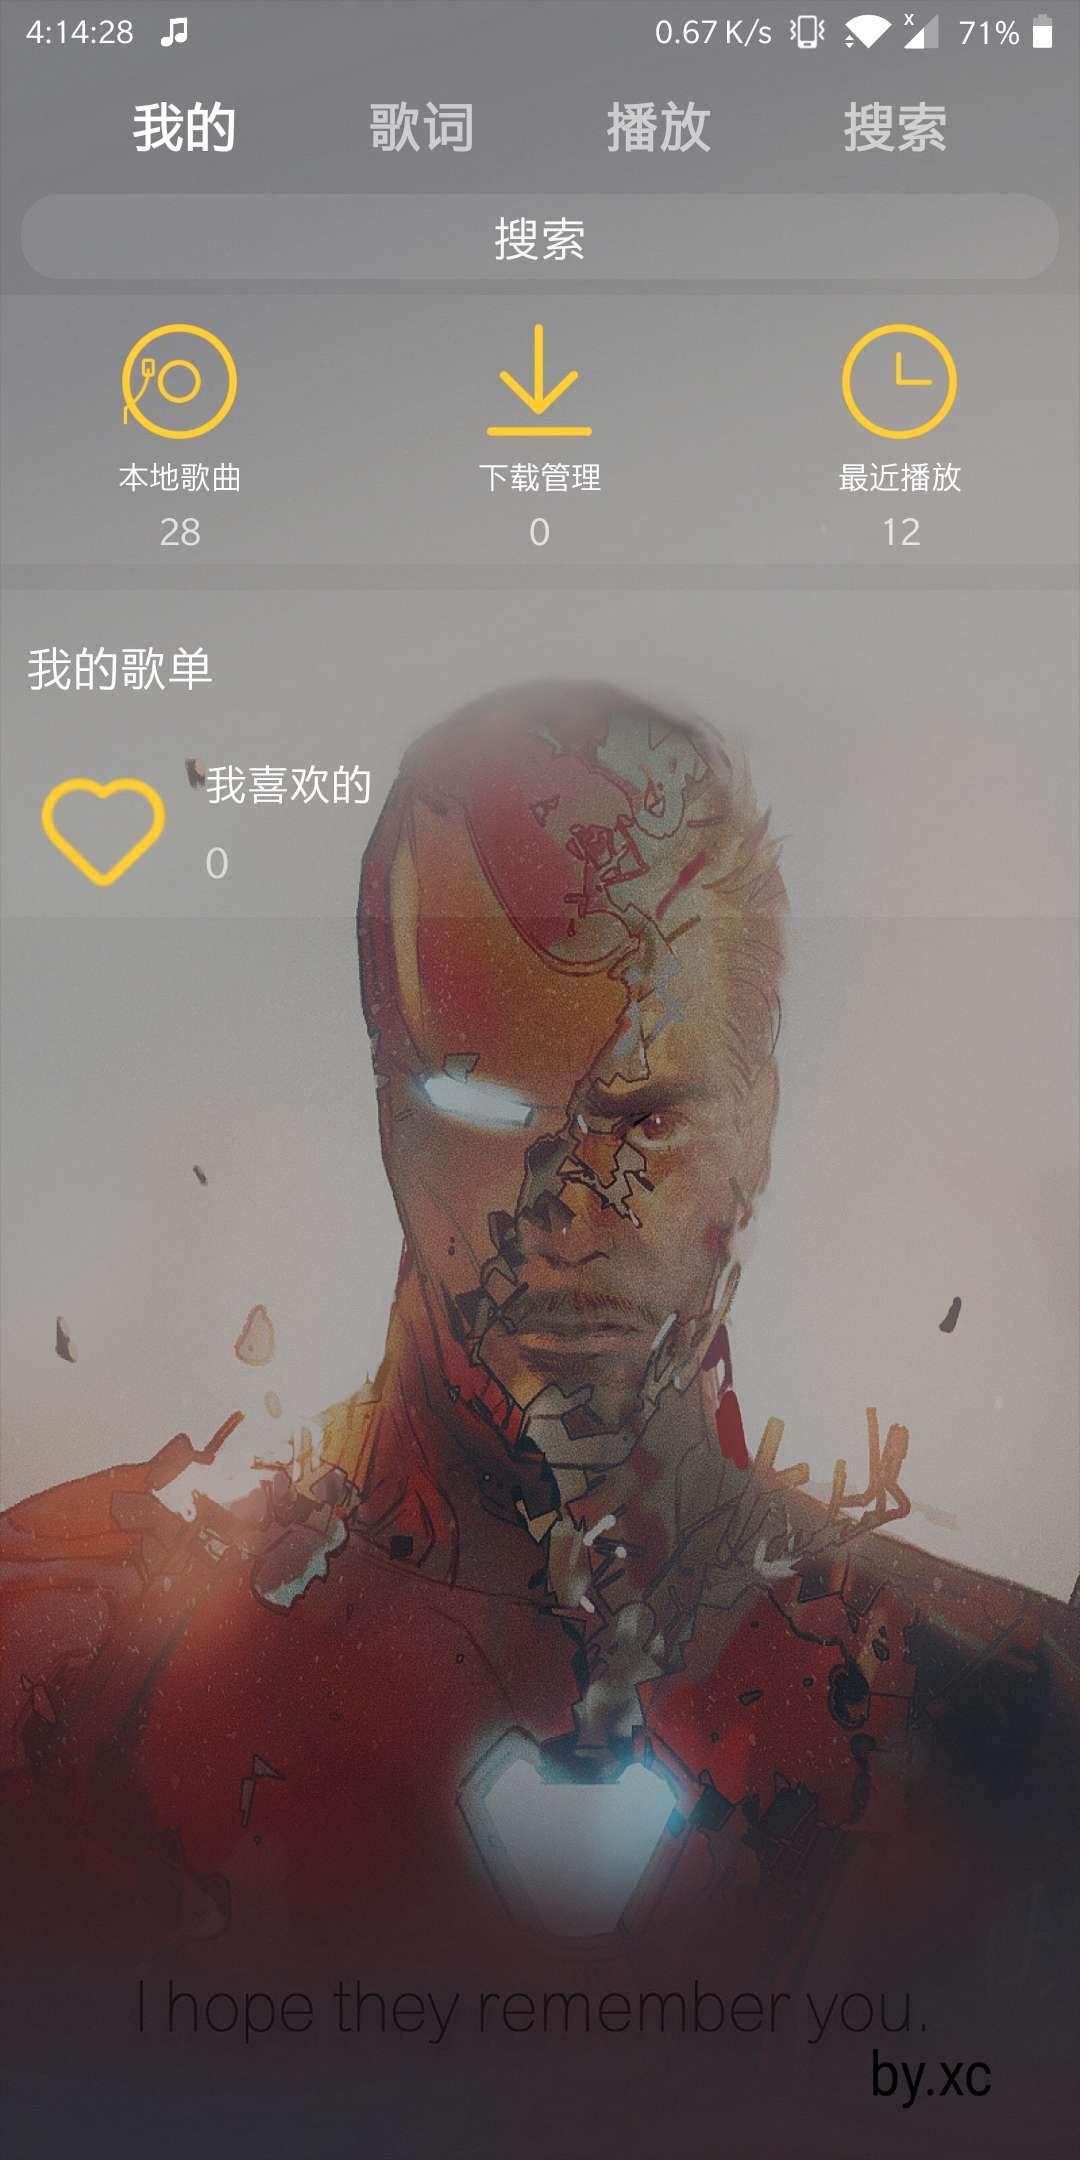 【软件分享】丢脸音乐清爽版(解析全网音乐,支持在线播放和下载)-100tui.cn